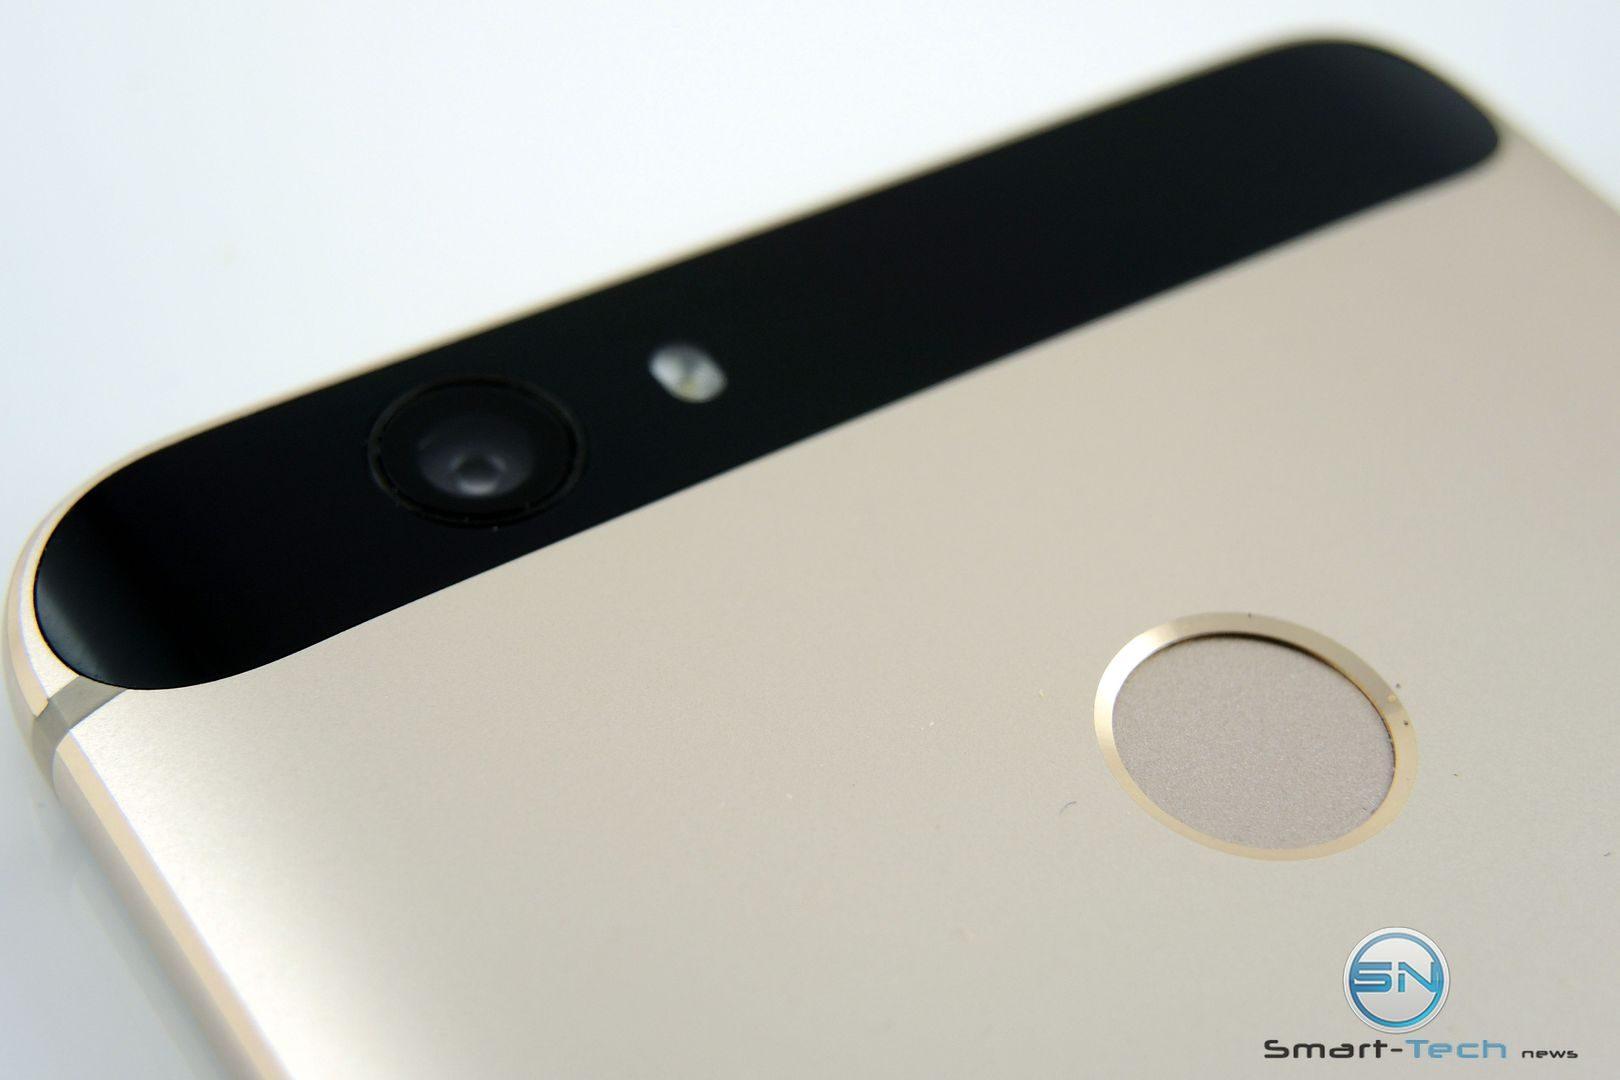 kamera-fingerscan-huawei-nova-smarttechnews